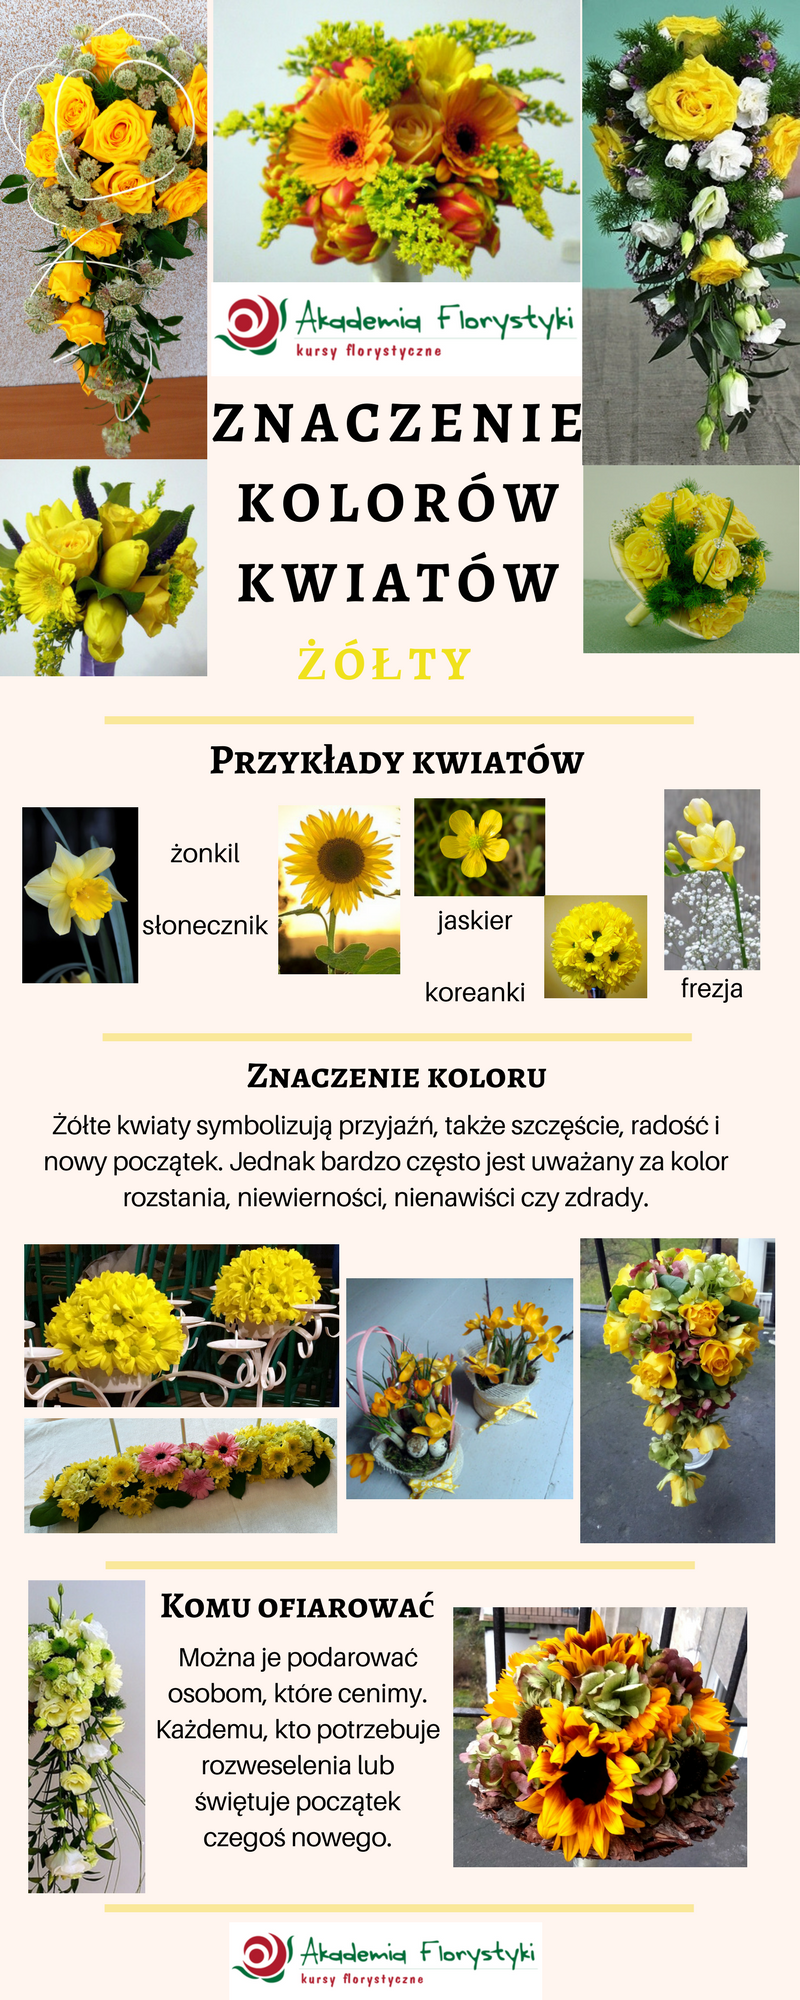 Znaczenie Kolorow Kwiatow Zolty Symbolika Slonecznik Flowers